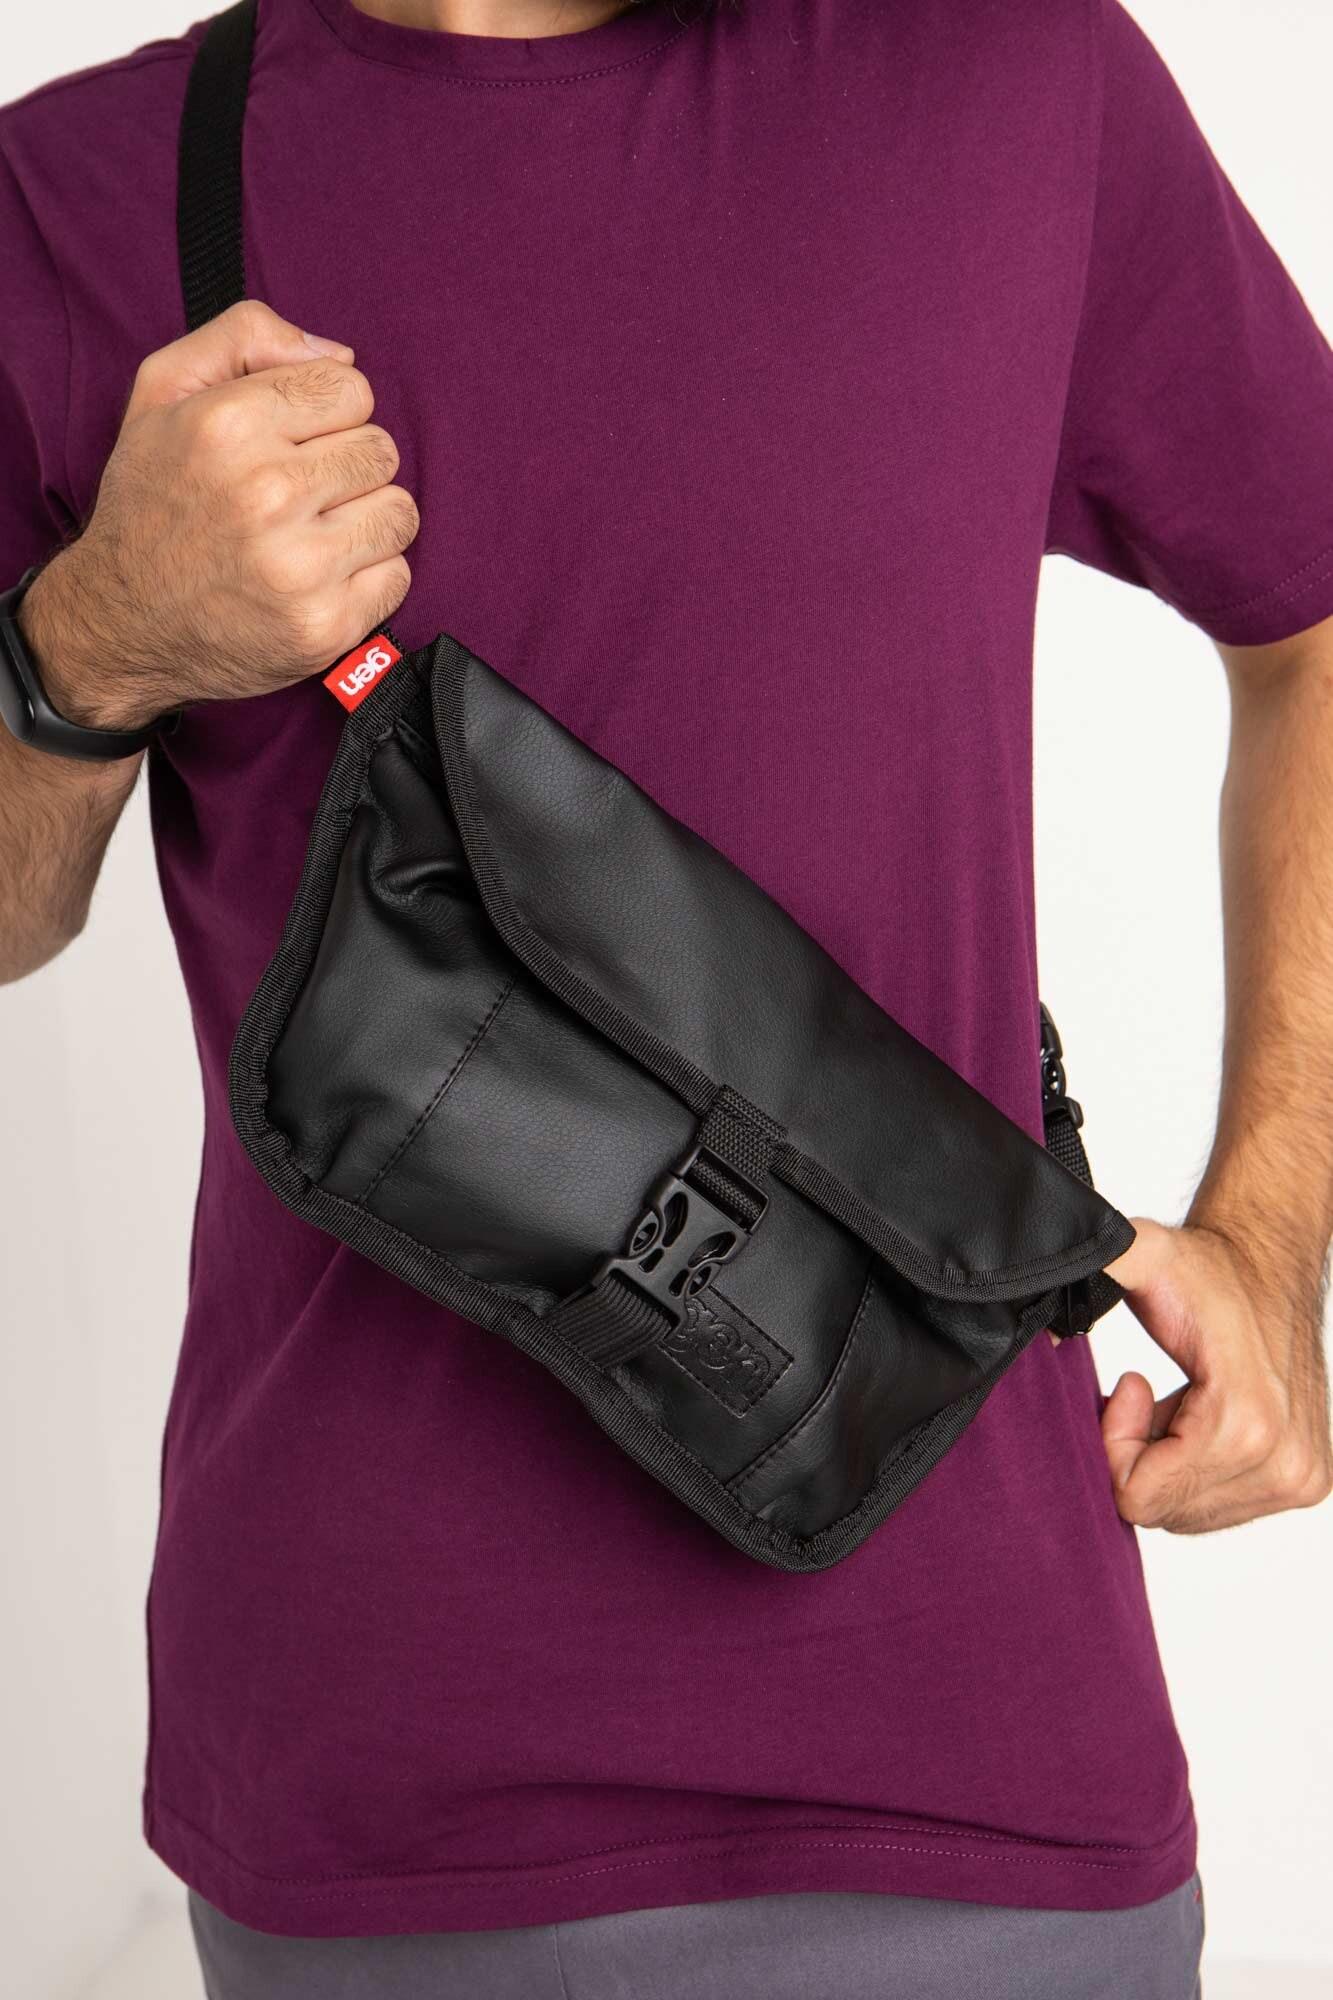 Прямоугольная сумка на пояс бананка черного цвета с клапаном - Фото 3